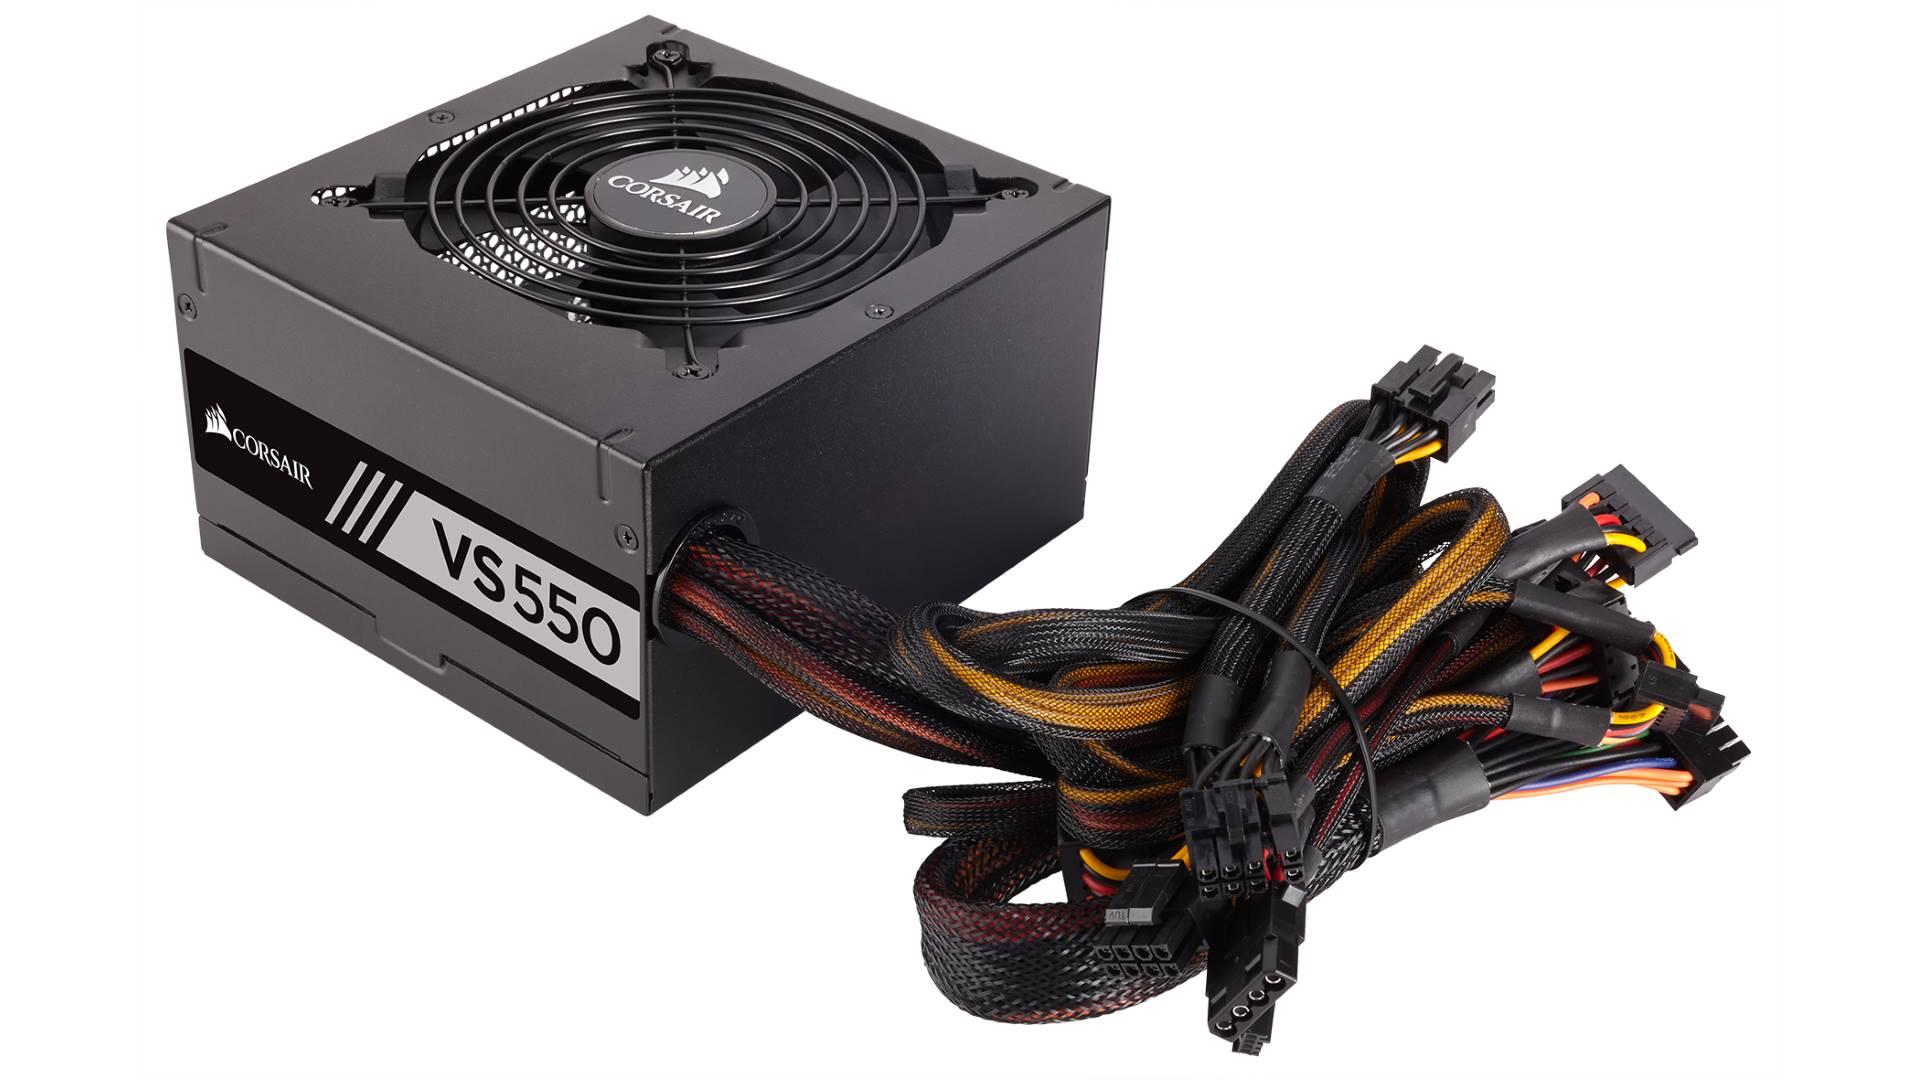 На иллюстрации изображён блок питания компьютера Corsair VS550 под углом